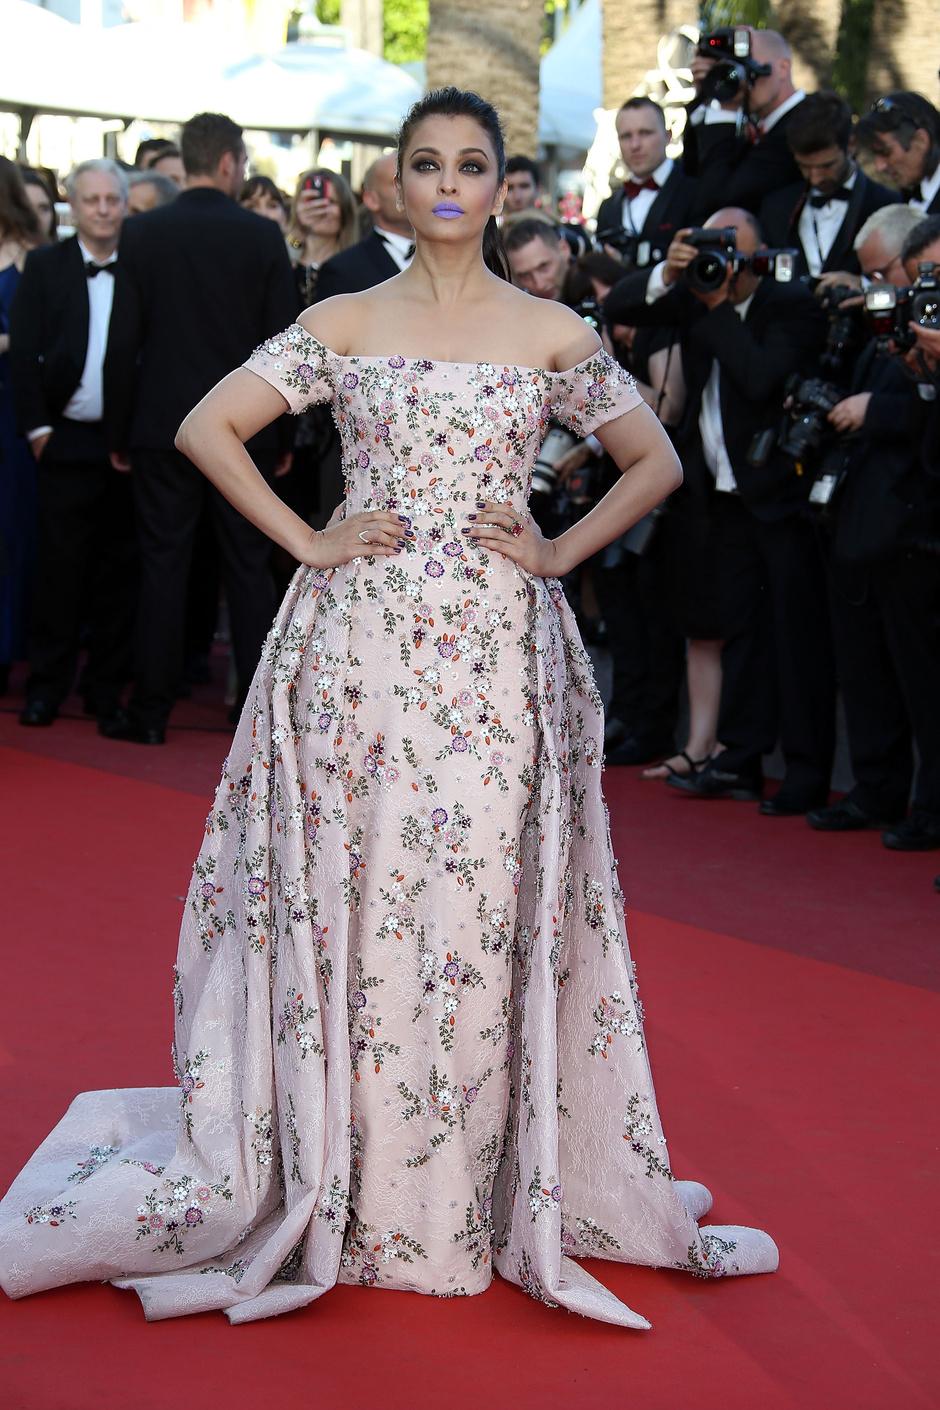 Айшвария Рай появилась на красной дорожке Каннского кинофестиваля с сиреневыми губами